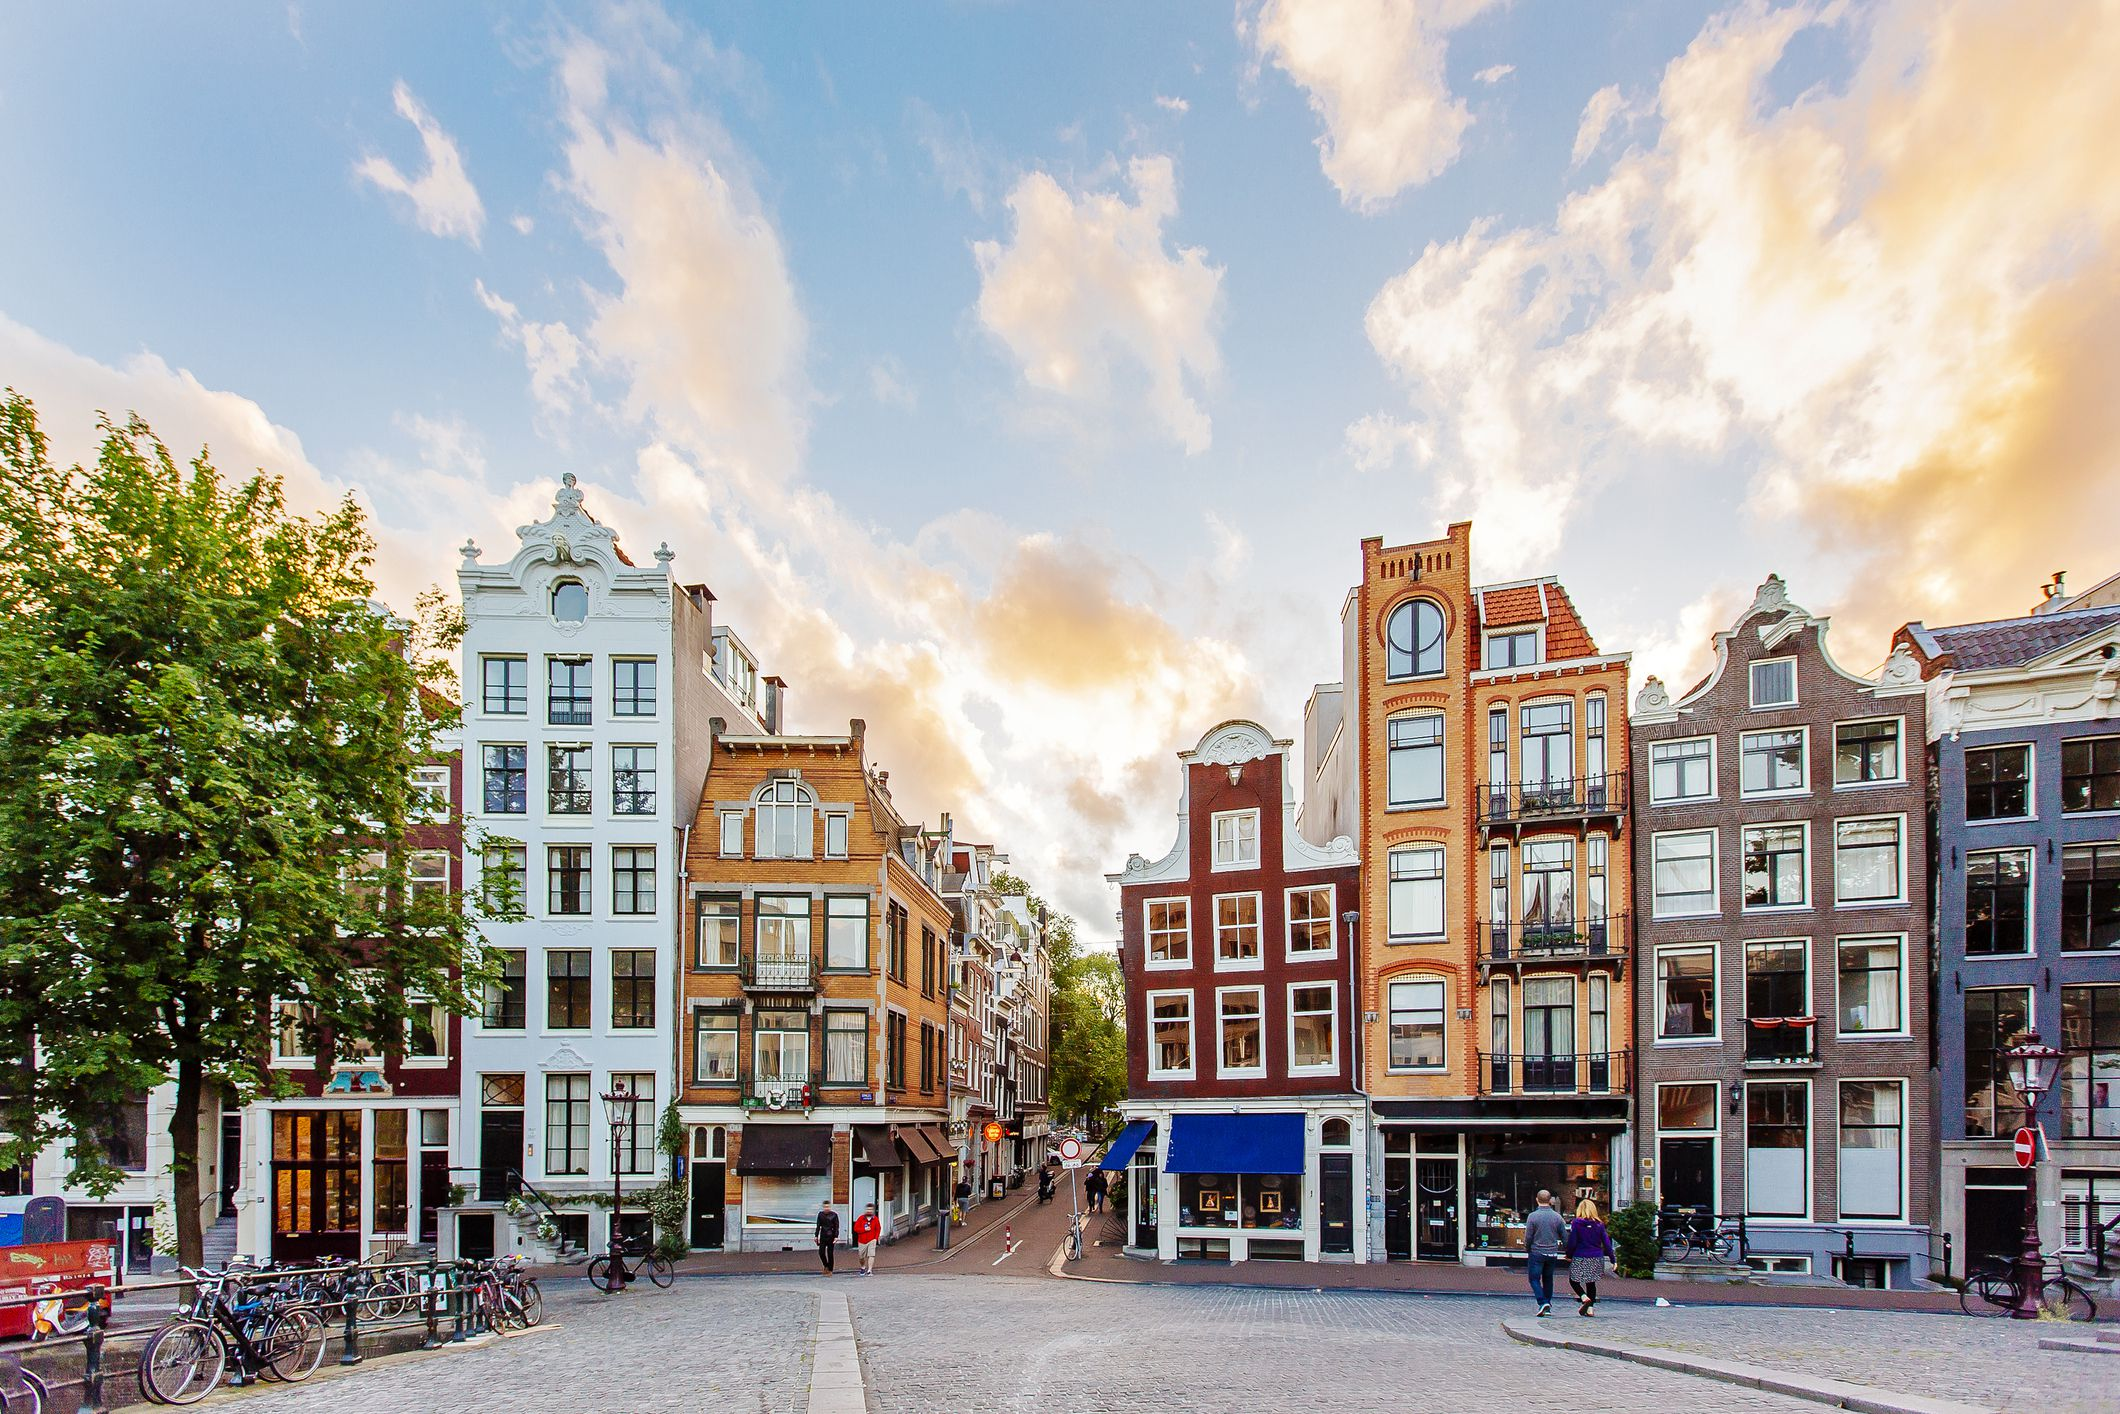 Horizonte de Amsterdam con casas holandesas tradicionales durante la puesta de sol, Holanda, Países Bajos